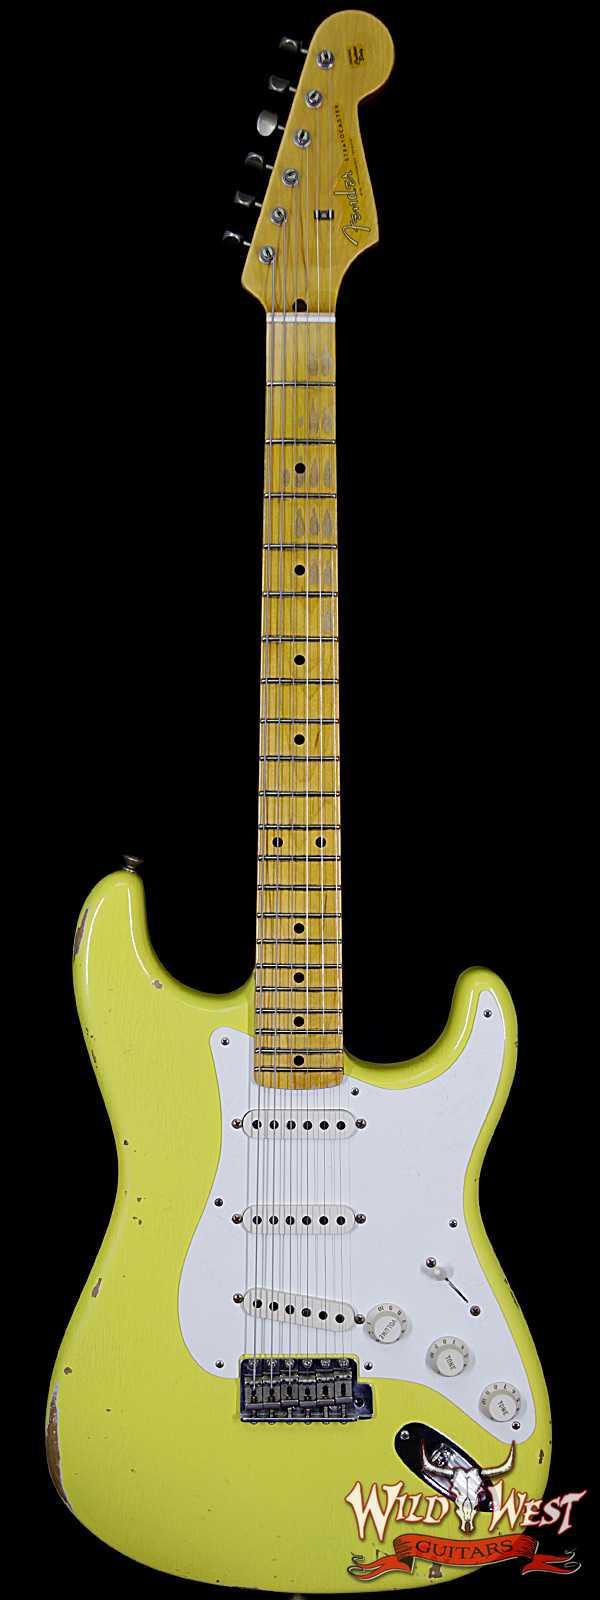 Fender Custom Shop 1957 Stratocaster Relic Maple Board Graffiti Yellow